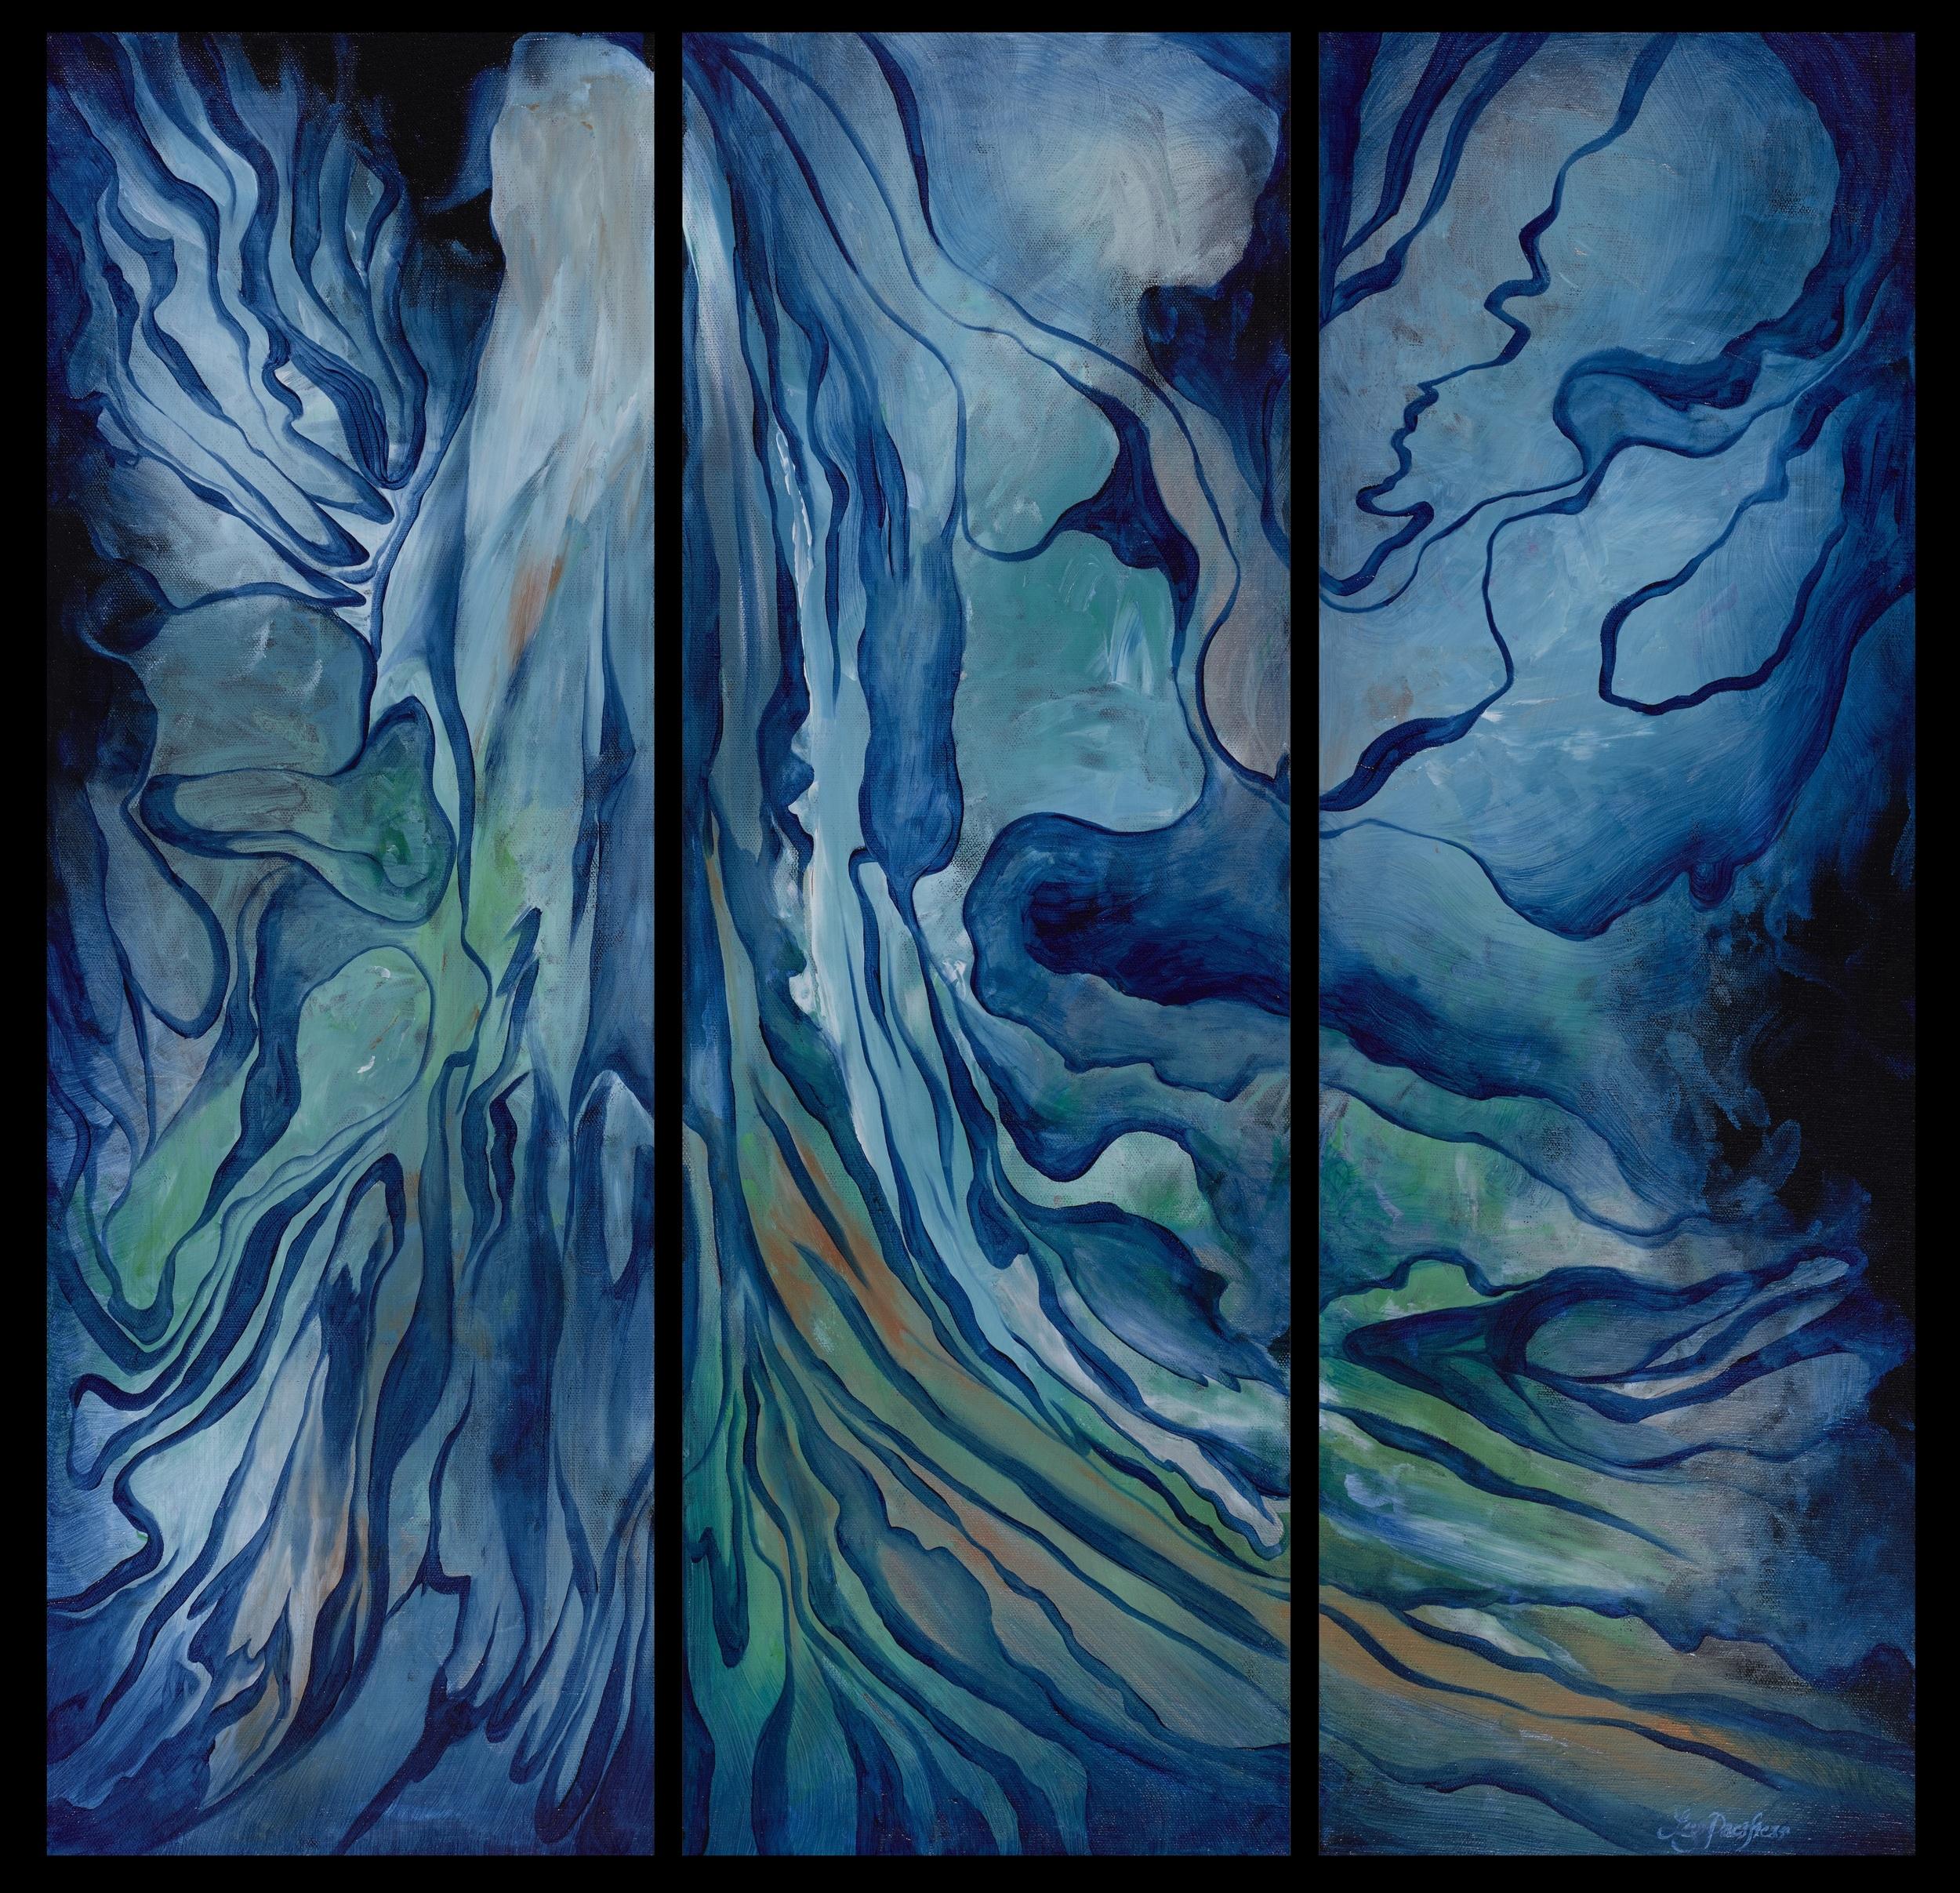 Marina Triptych